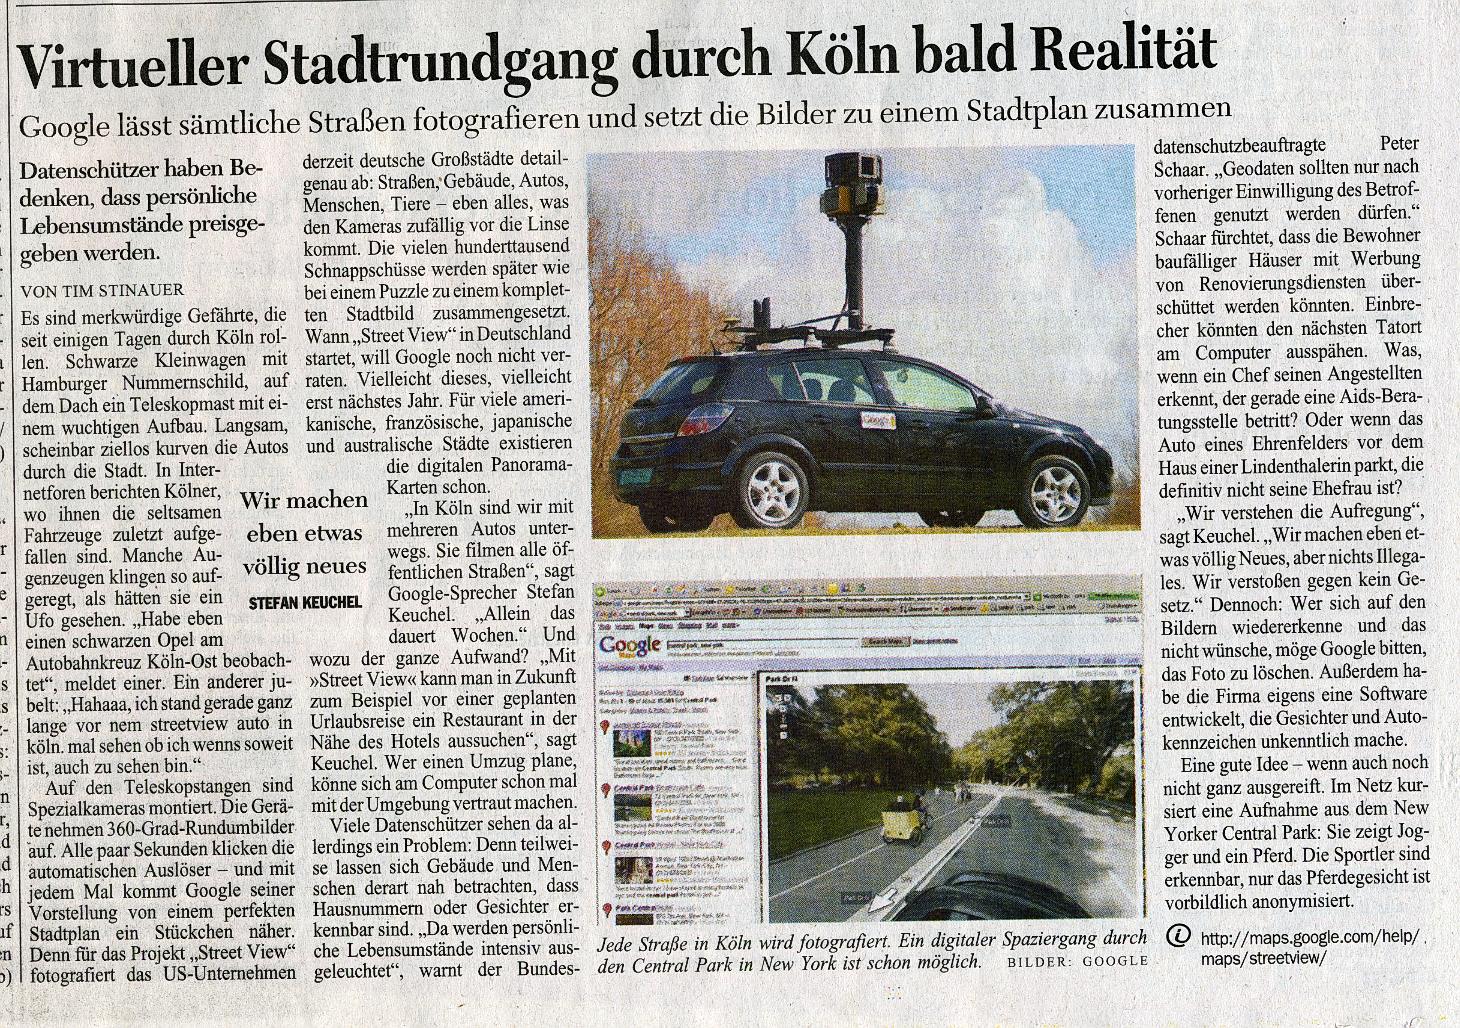 Ausriss aus dem Kölner Stadtanzeiger vom 28.08.2008